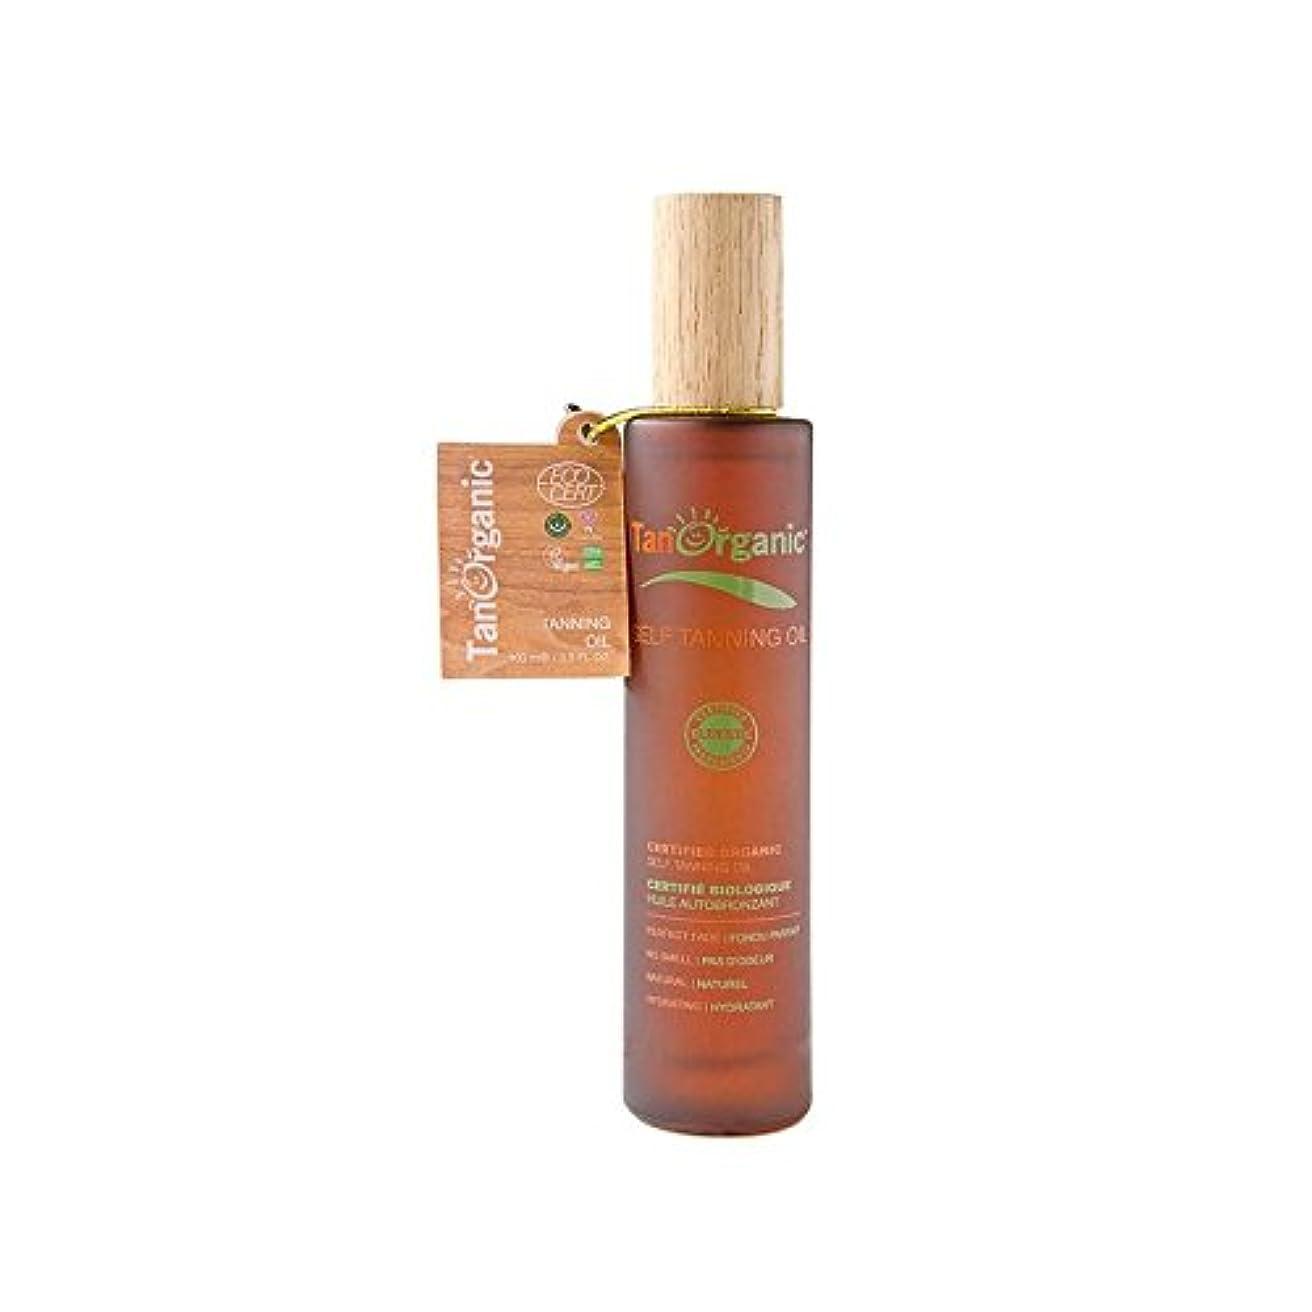 メンダシティ魅力的主婦Tanorganic自己日焼け顔&ボディオイル (Tan Organic) - TanOrganic Self-Tan Face & Body Oil [並行輸入品]